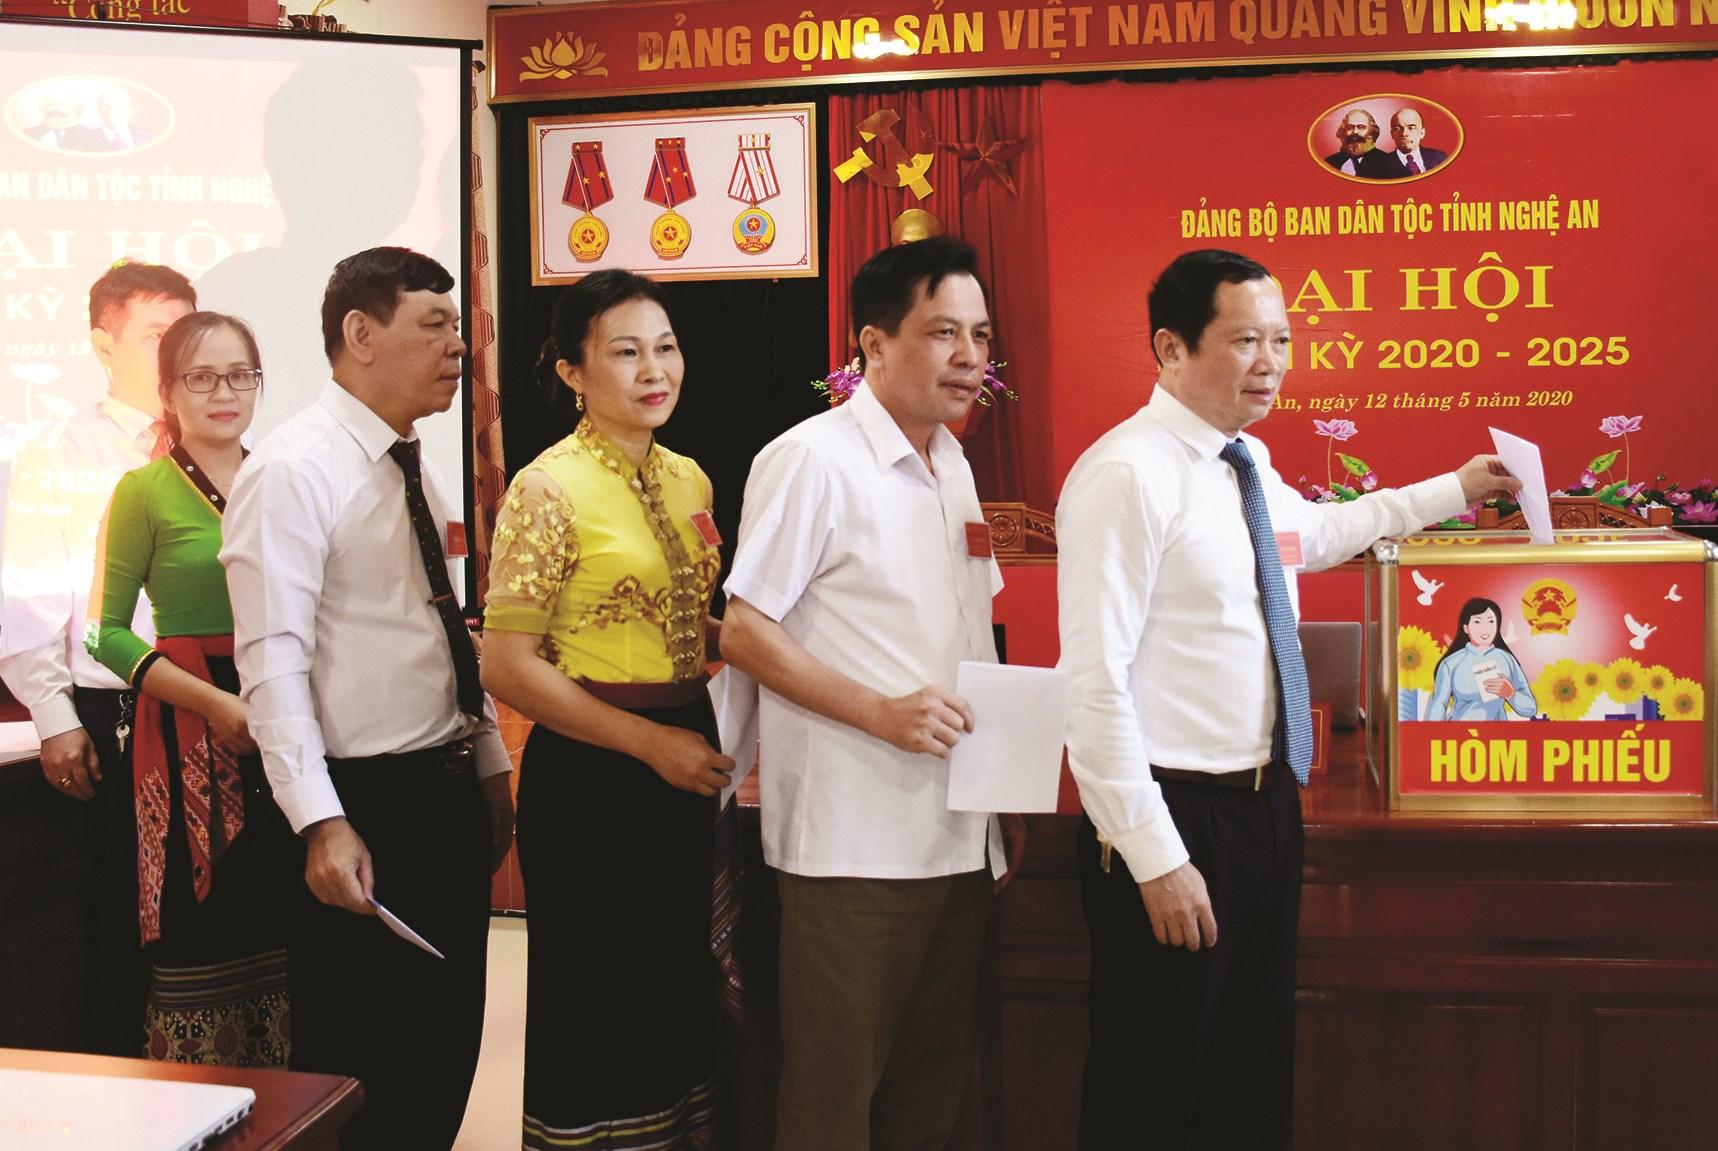 Các đại biểu bỏ phiếu bầu Ban Chấp hành nhiệm kỳ mới